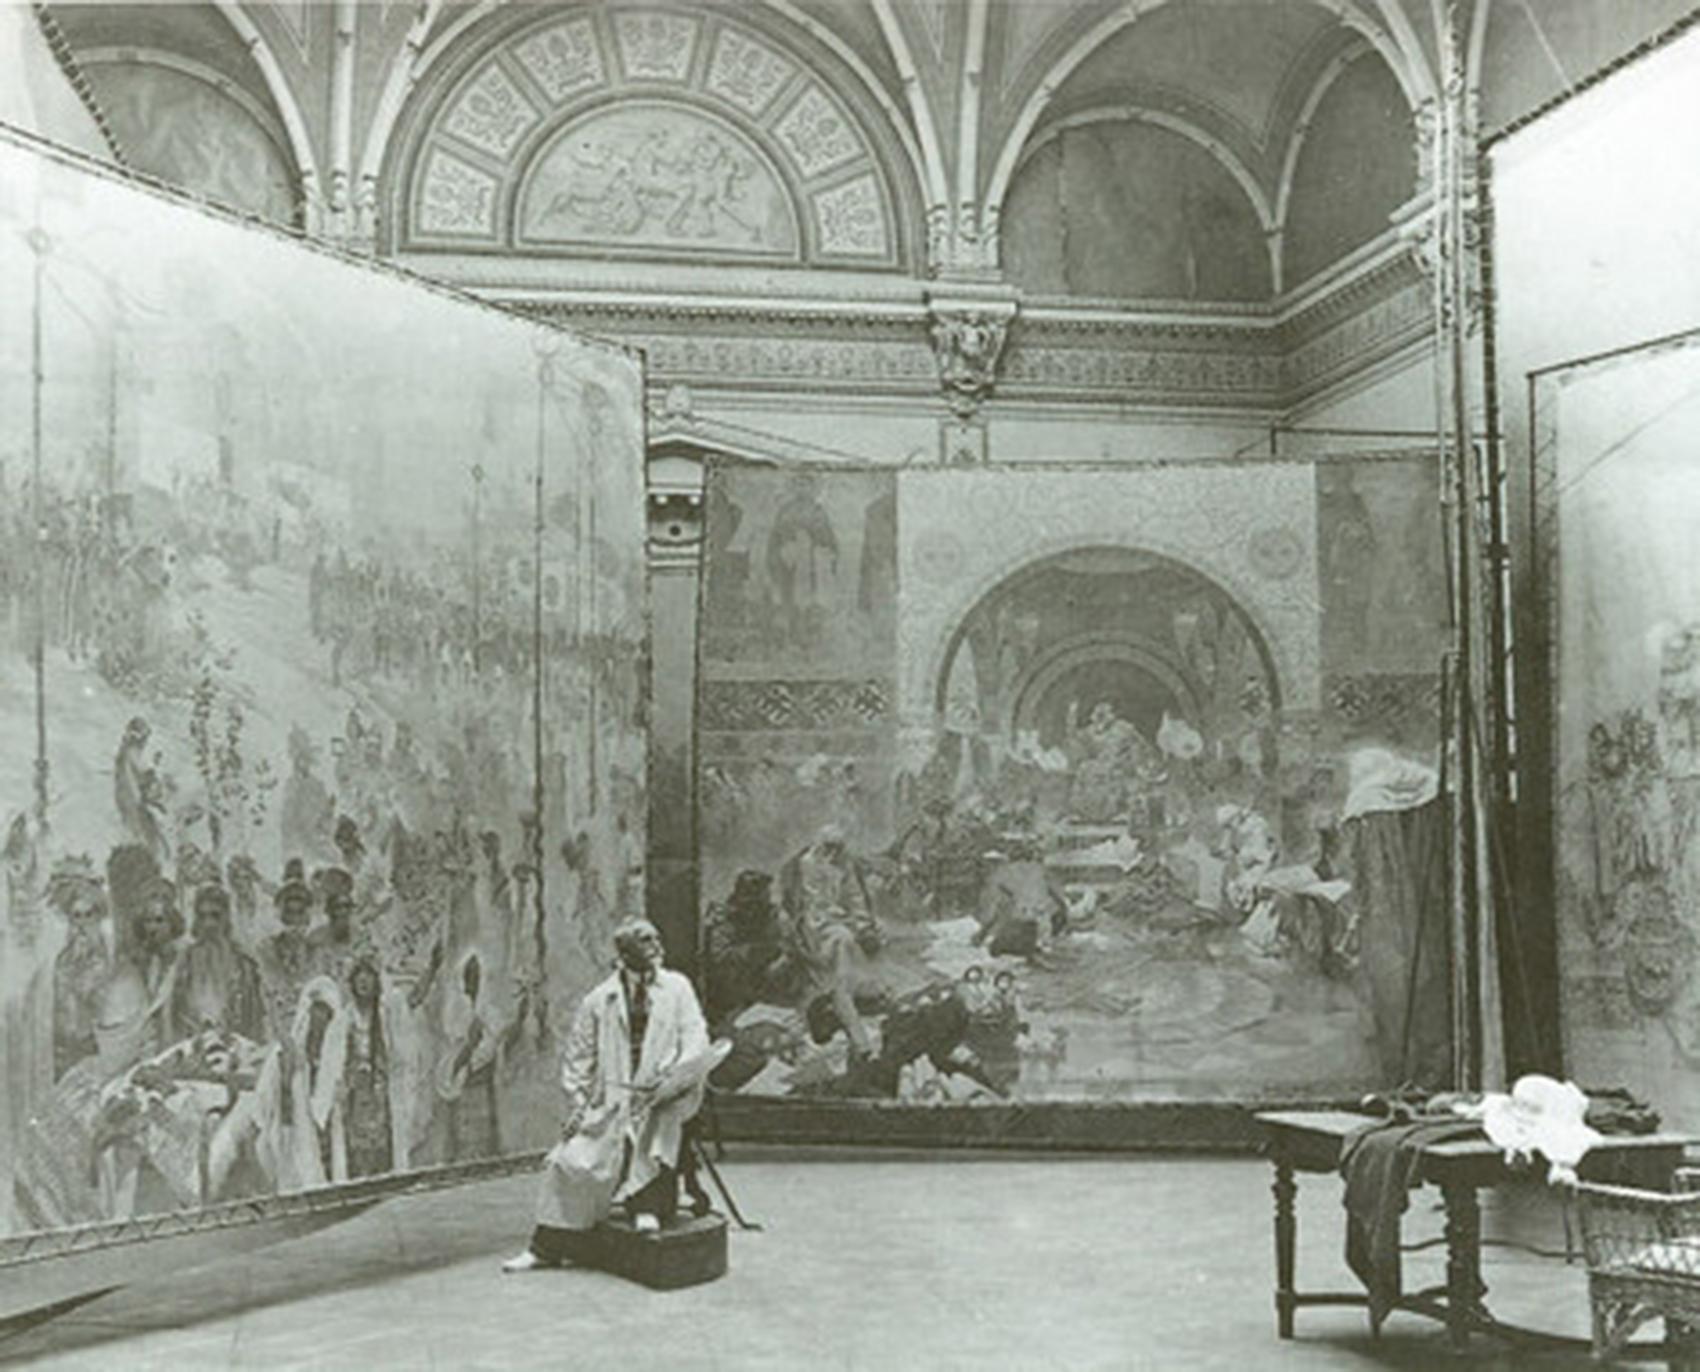 《スラヴ叙事詩》を制作するアルフォンス・ミュシャ、ズビロフ城アトリエにて、1923年